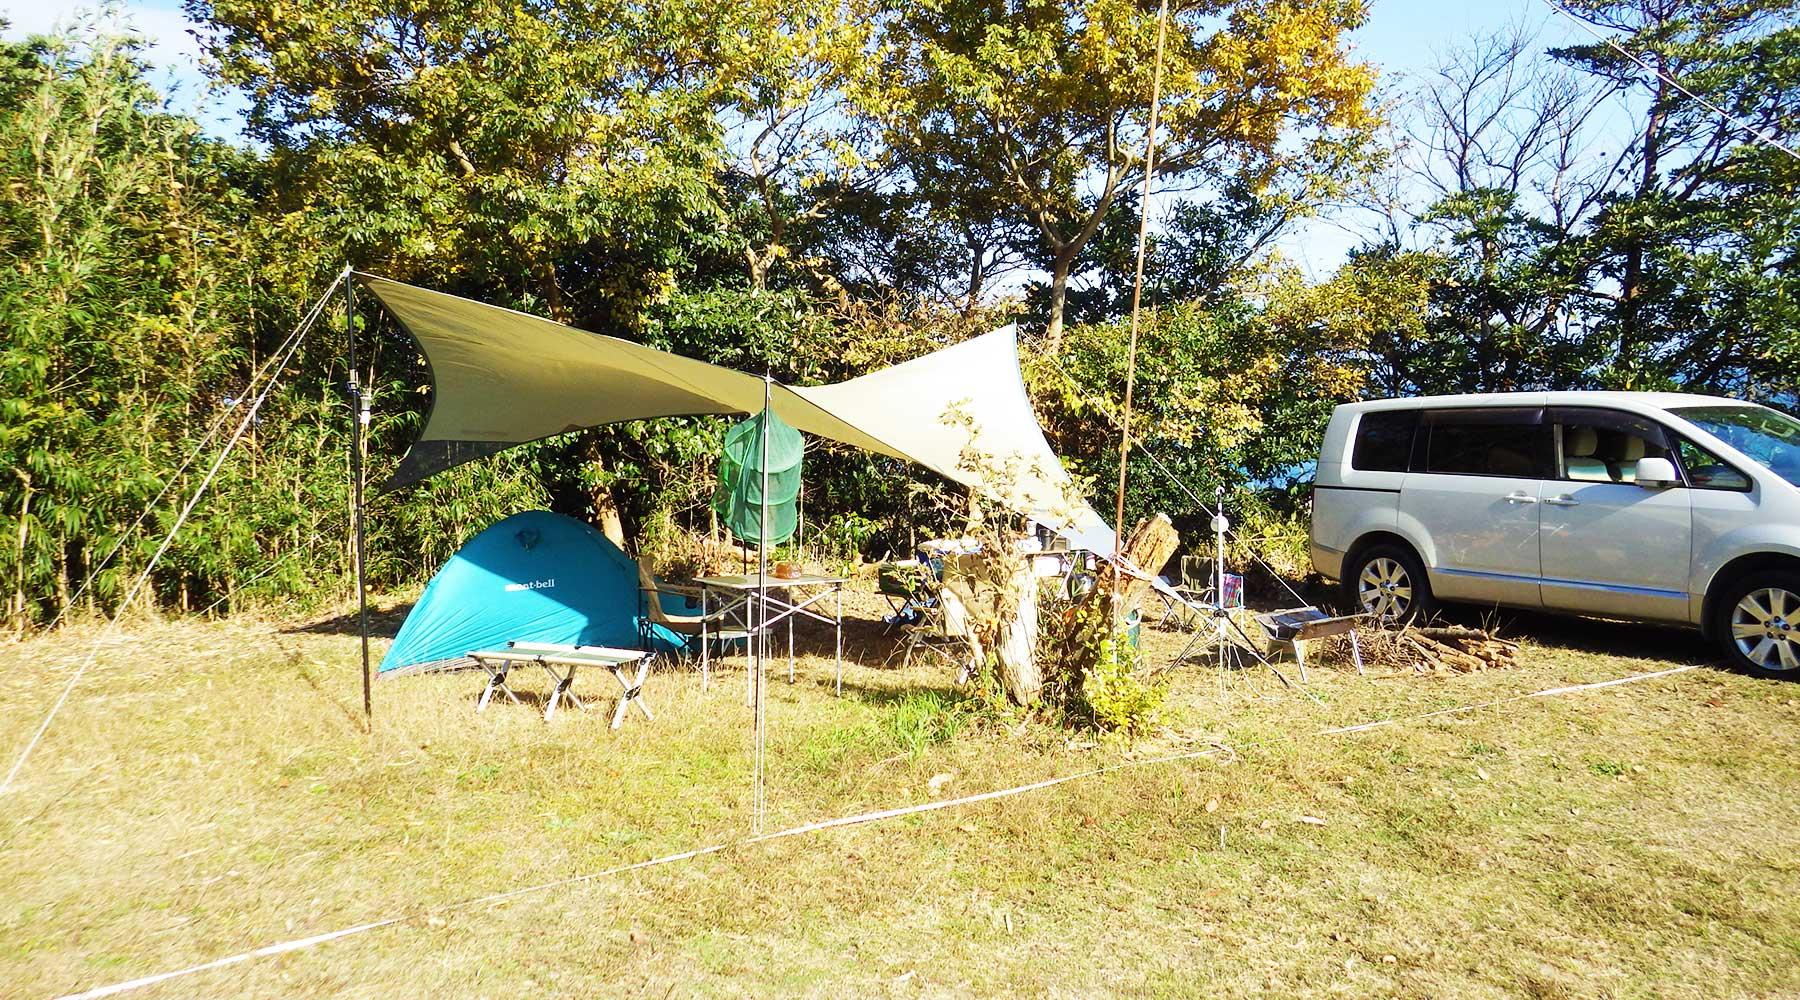 田の上キャンプ場サイト18